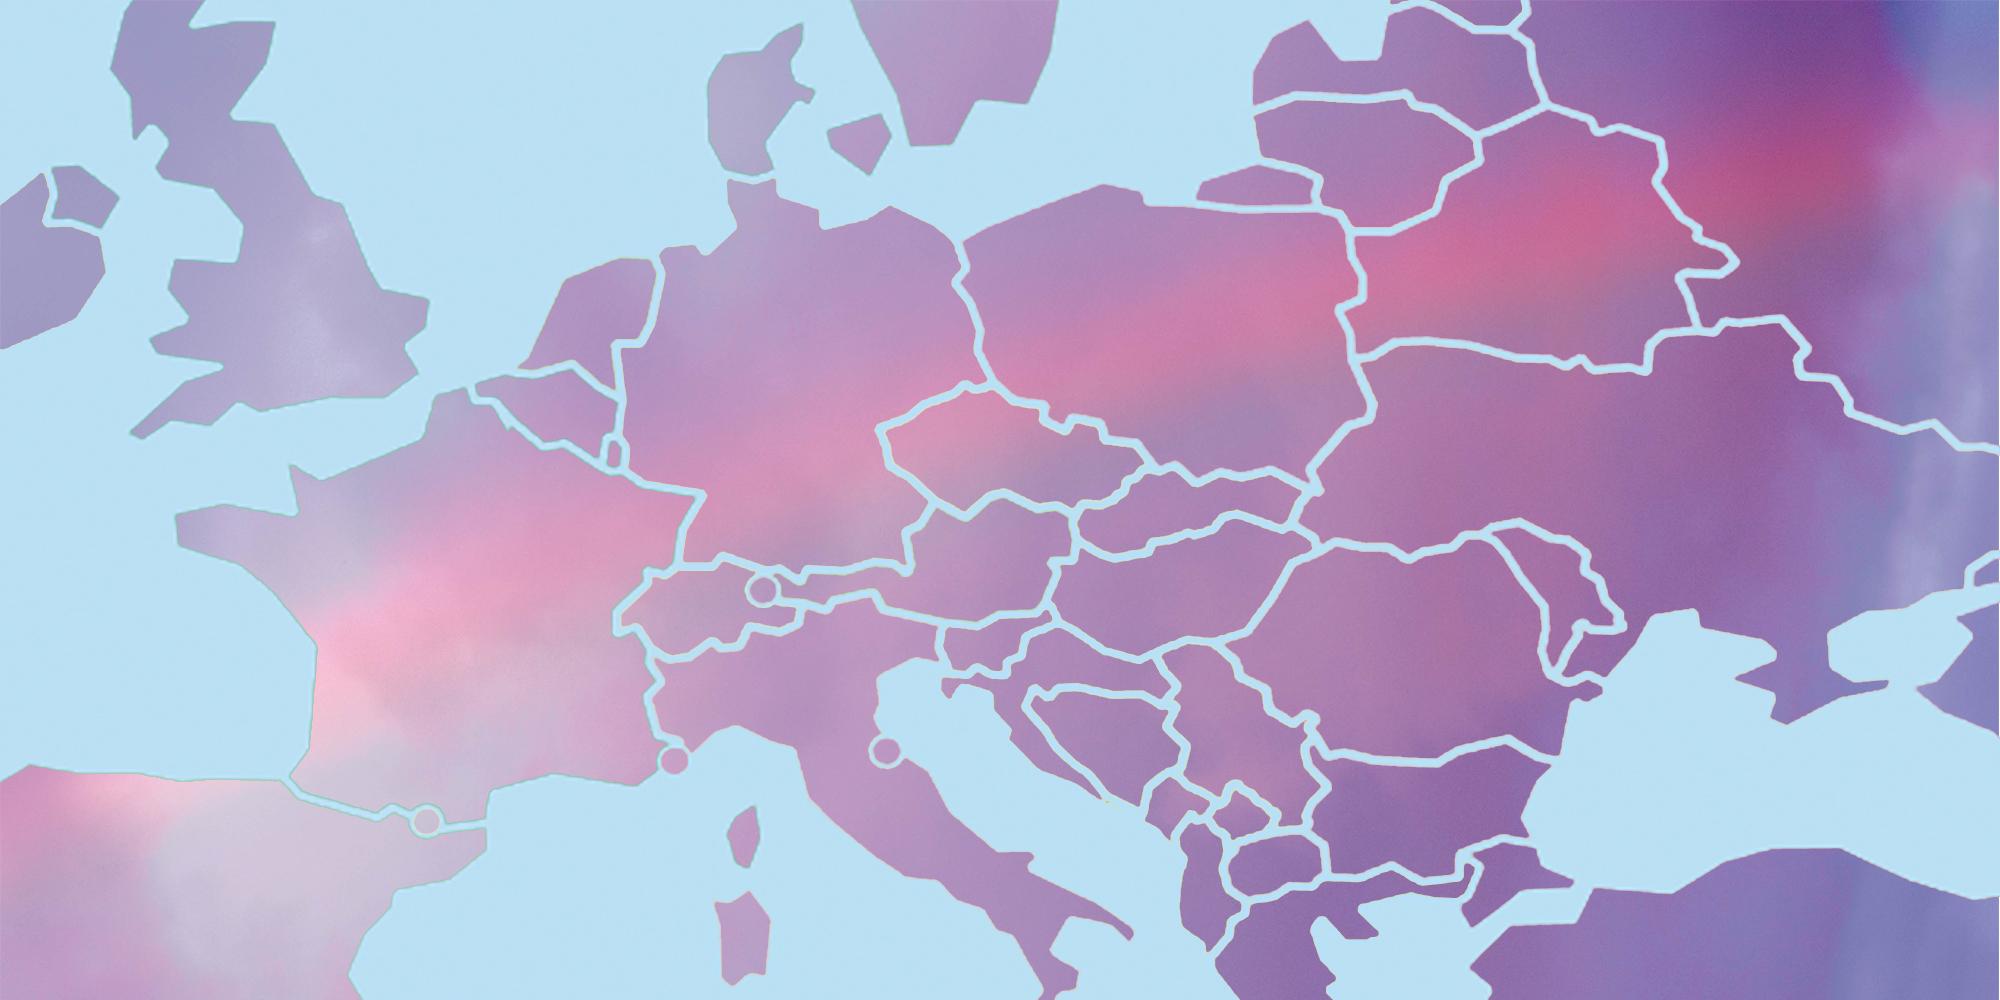 best-worst-places-gay-queer-people-ilga-europe-bro-bear-blog.jpg